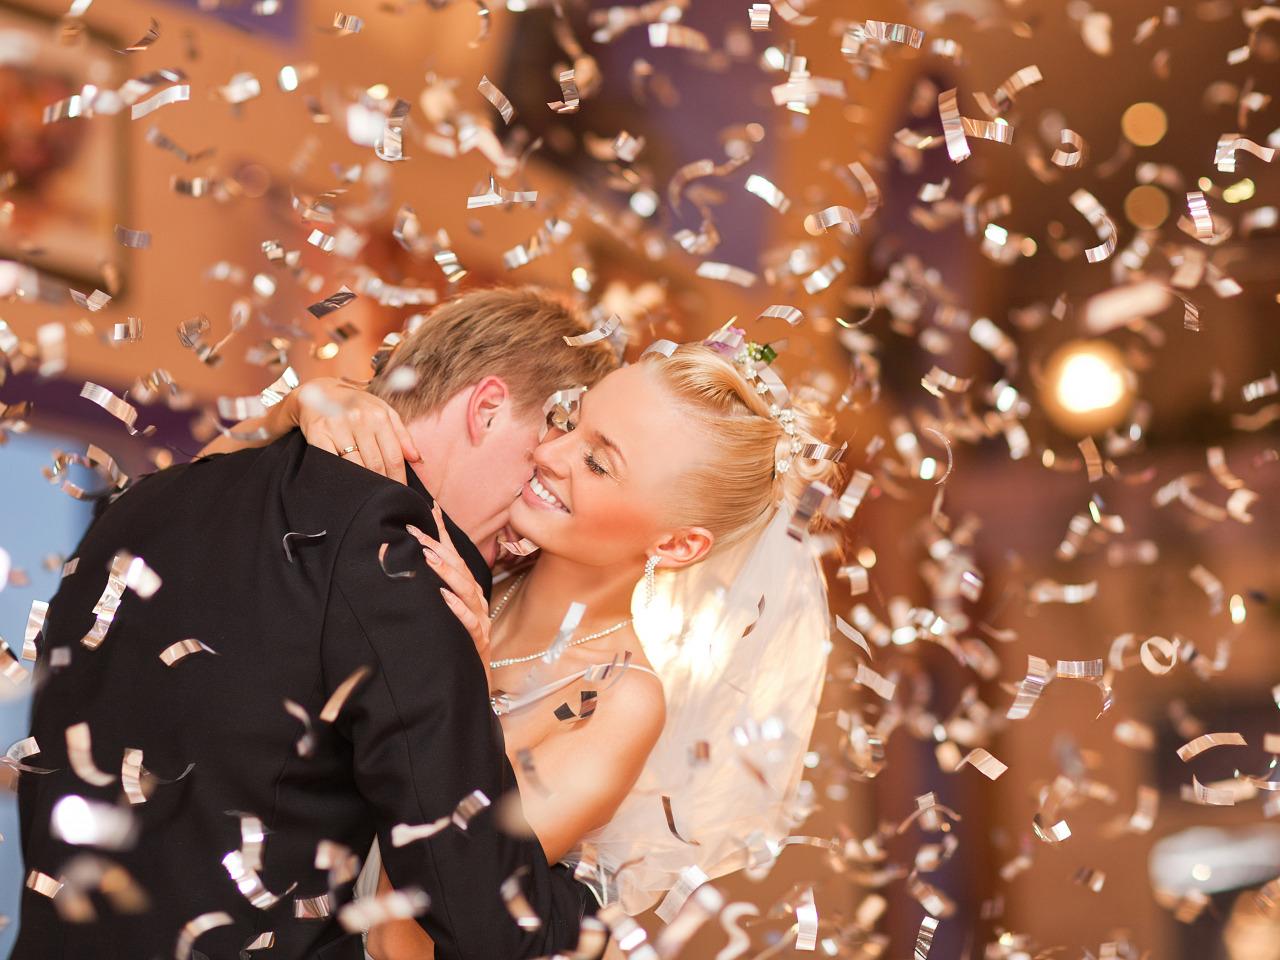 Брянцы мечтают пожениться 8 августа